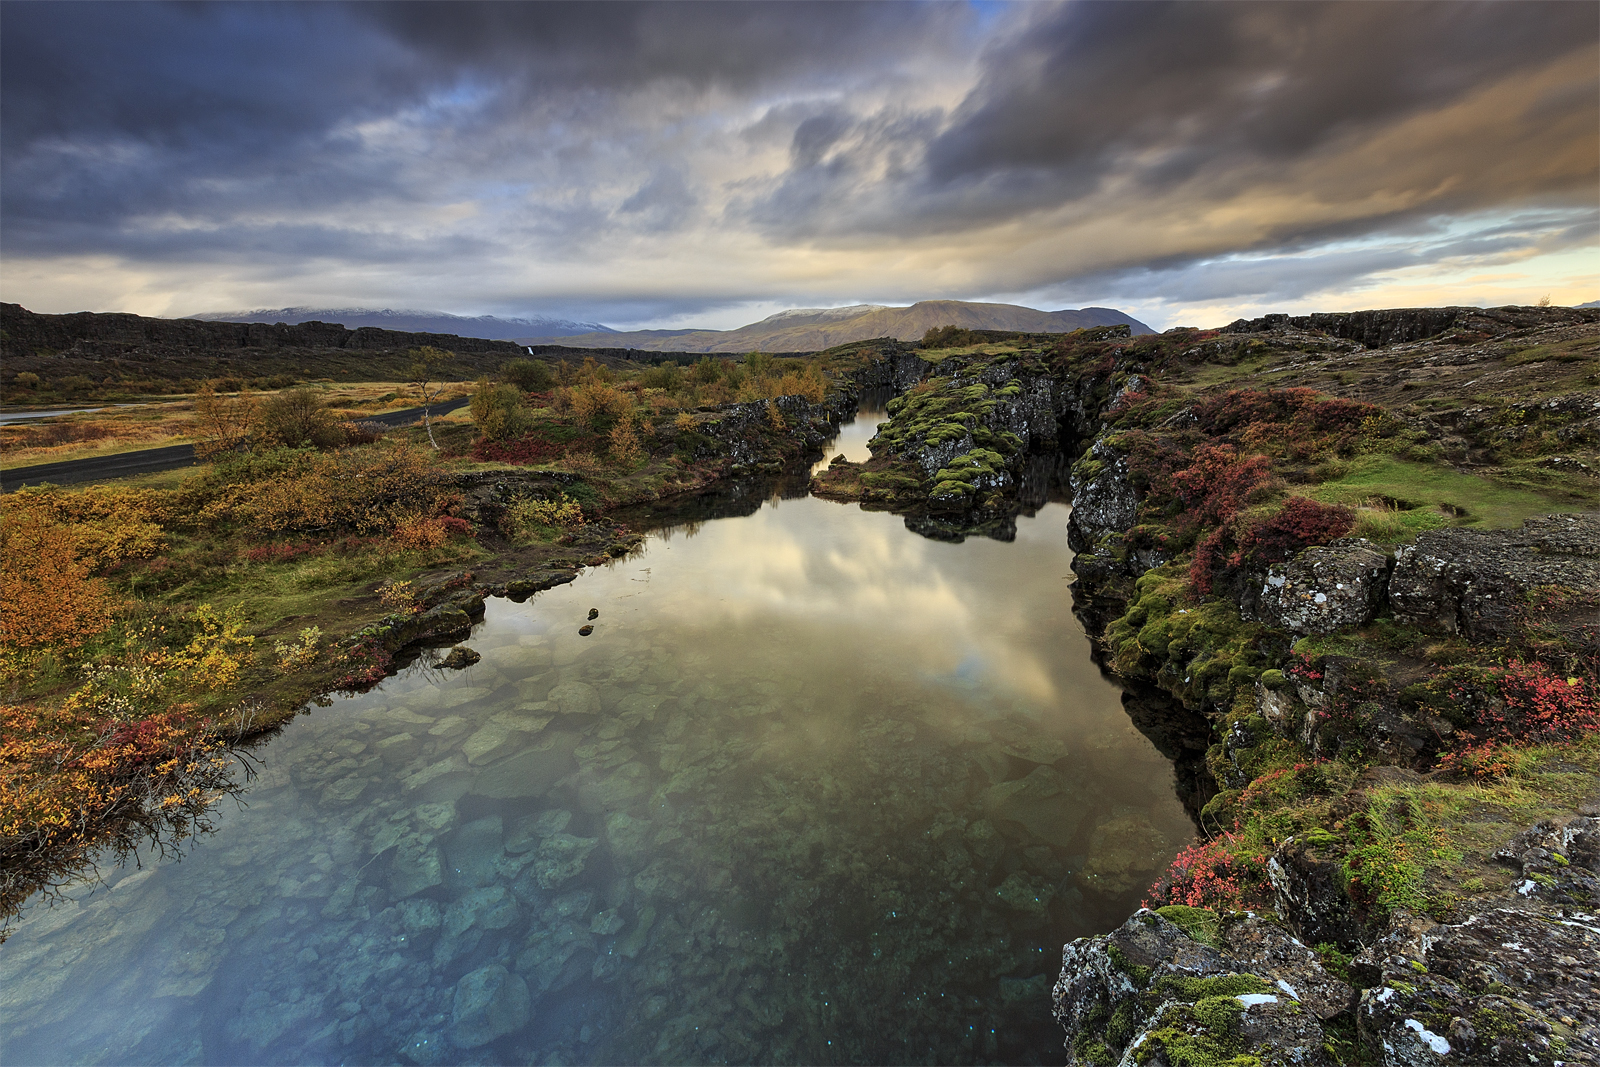 3-dniowa wycieczka z przewodnikiem po południowym wybrzeżu Islandii, Złotym Kręgu i lagunie Jokulsarlon - day 1